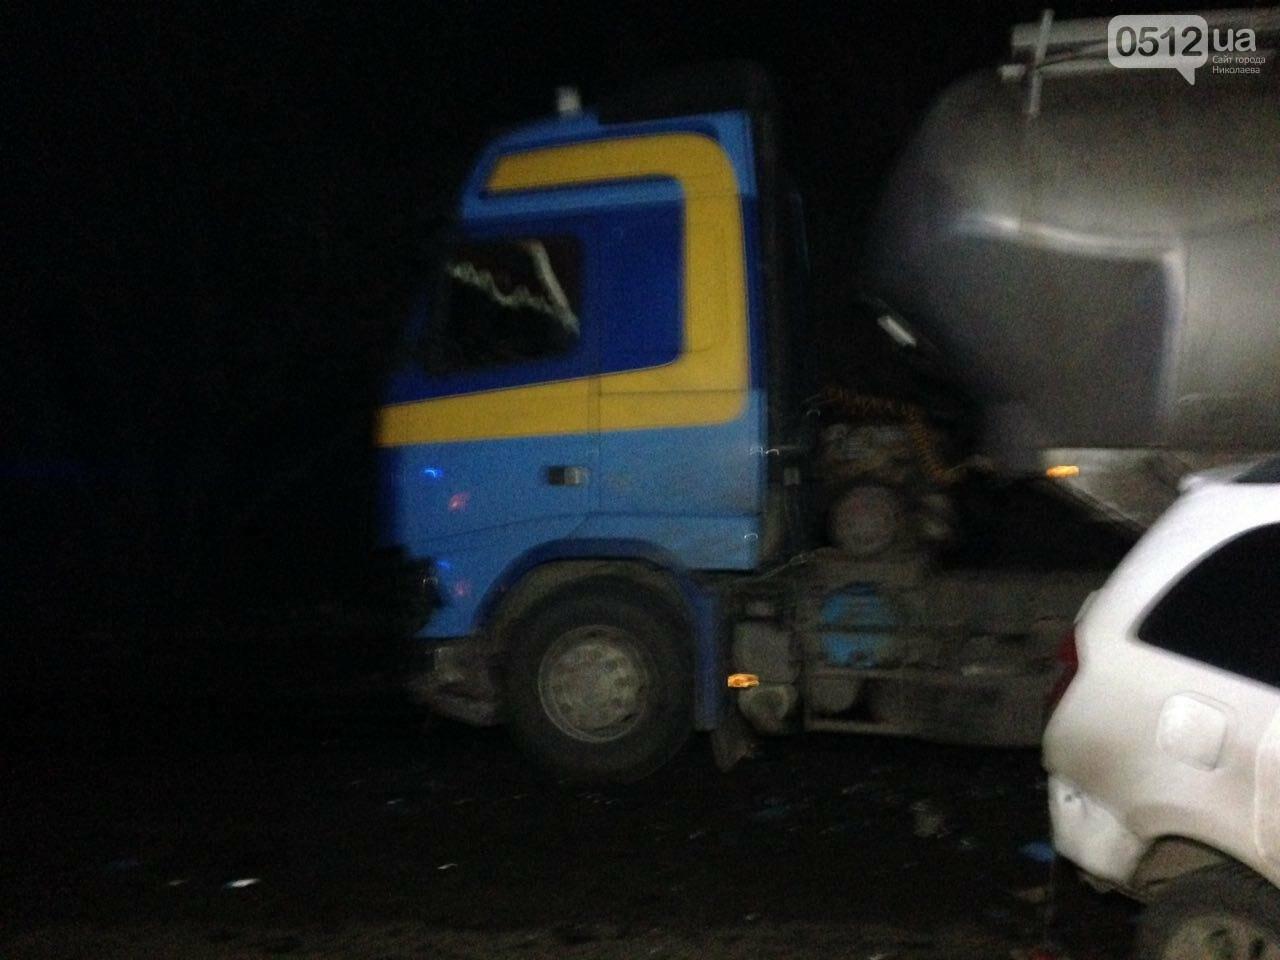 """На въезде в Николаев """"легковушка"""" лоб в лоб столкнулась с грузовиком - есть пострадавшие, - ФОТО, ВИДЕО, фото-7"""